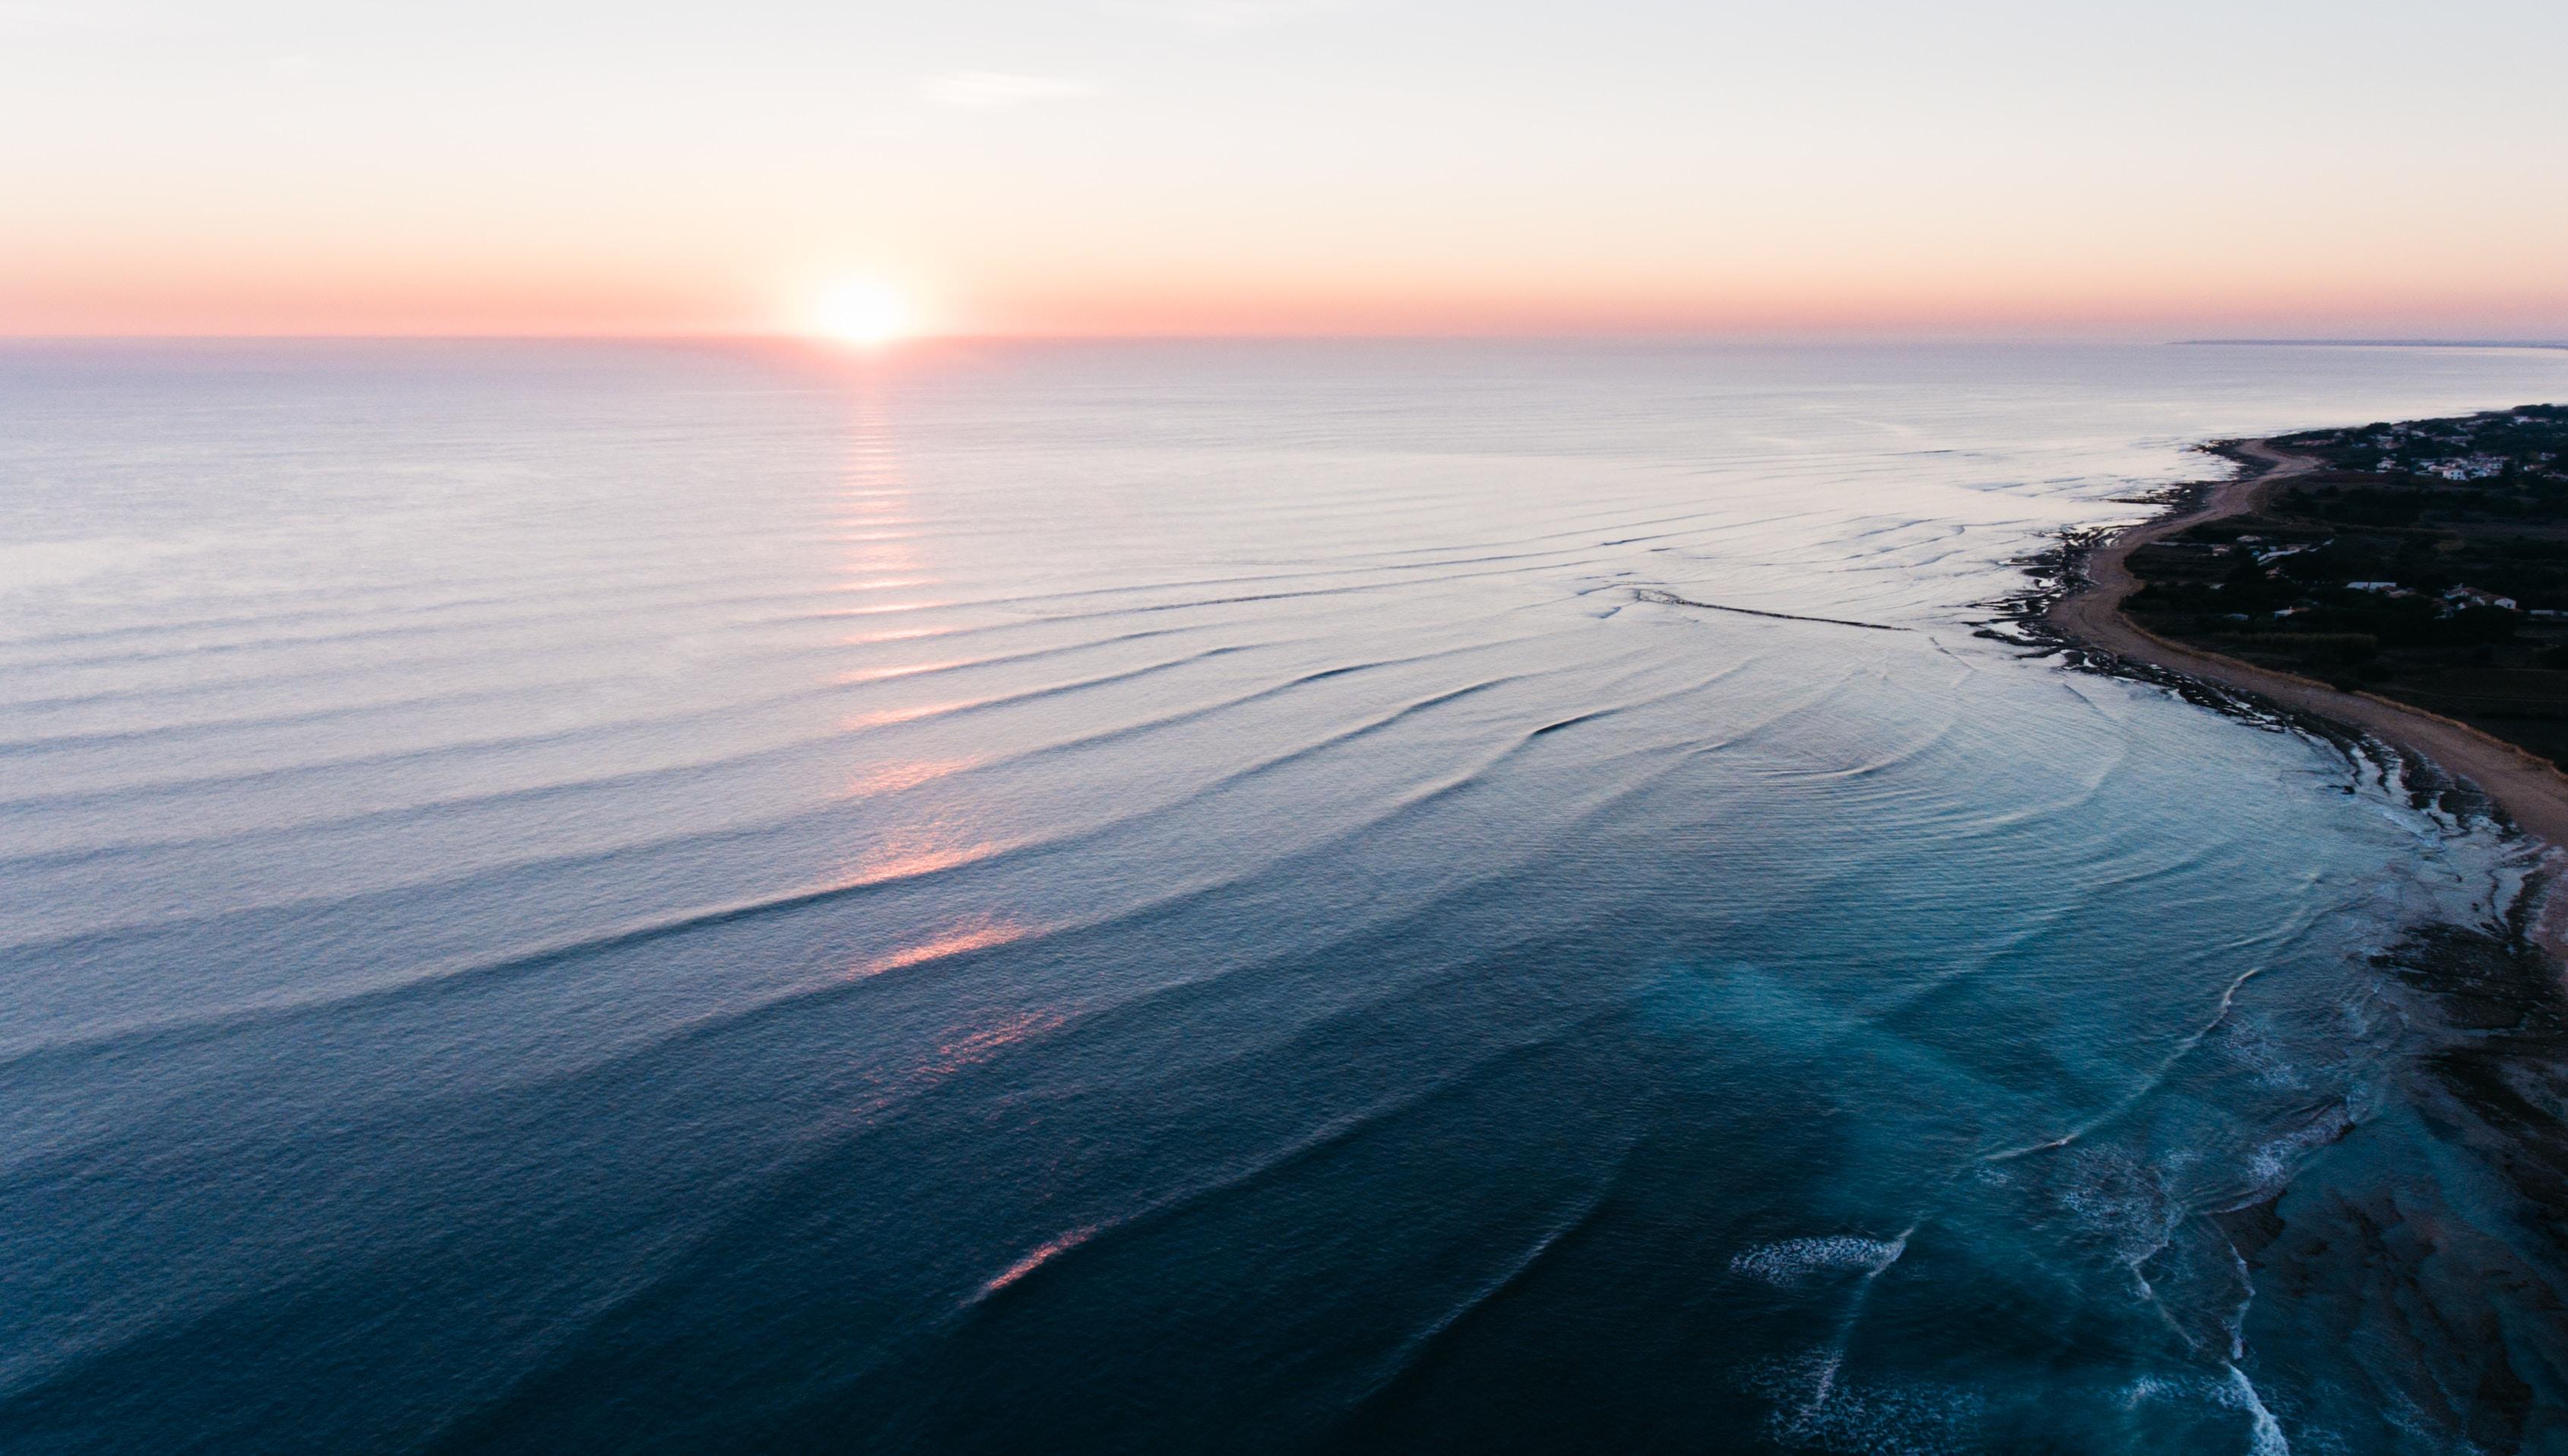 Seascape of a calm ocean coastline during sunset at Sainte-Marie-de-Ré, France